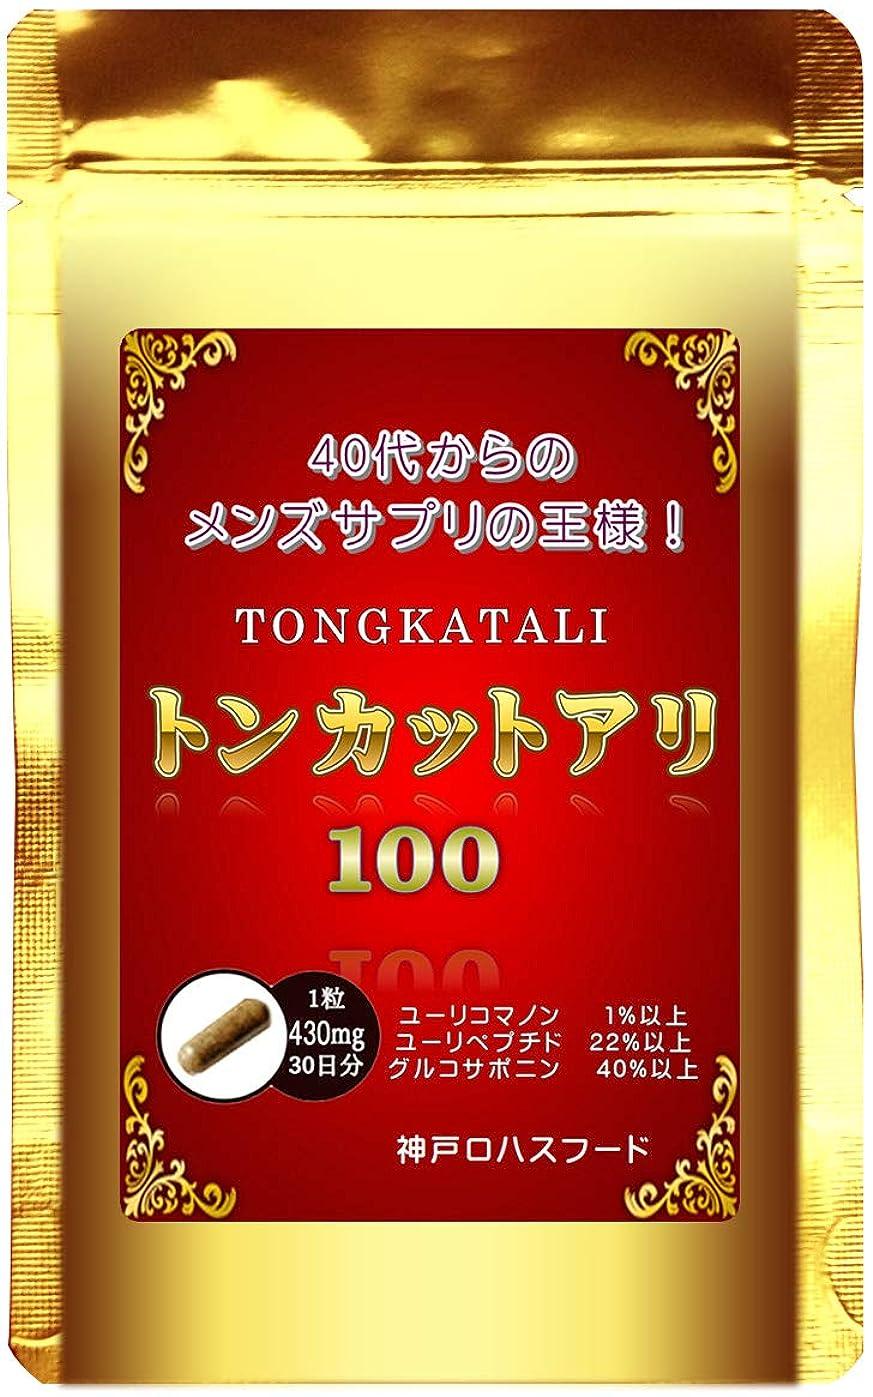 学習者時代最大化する男性用サプリメント 40代からのメンズサプリの王様 トンカットアリ100 30粒約30日分